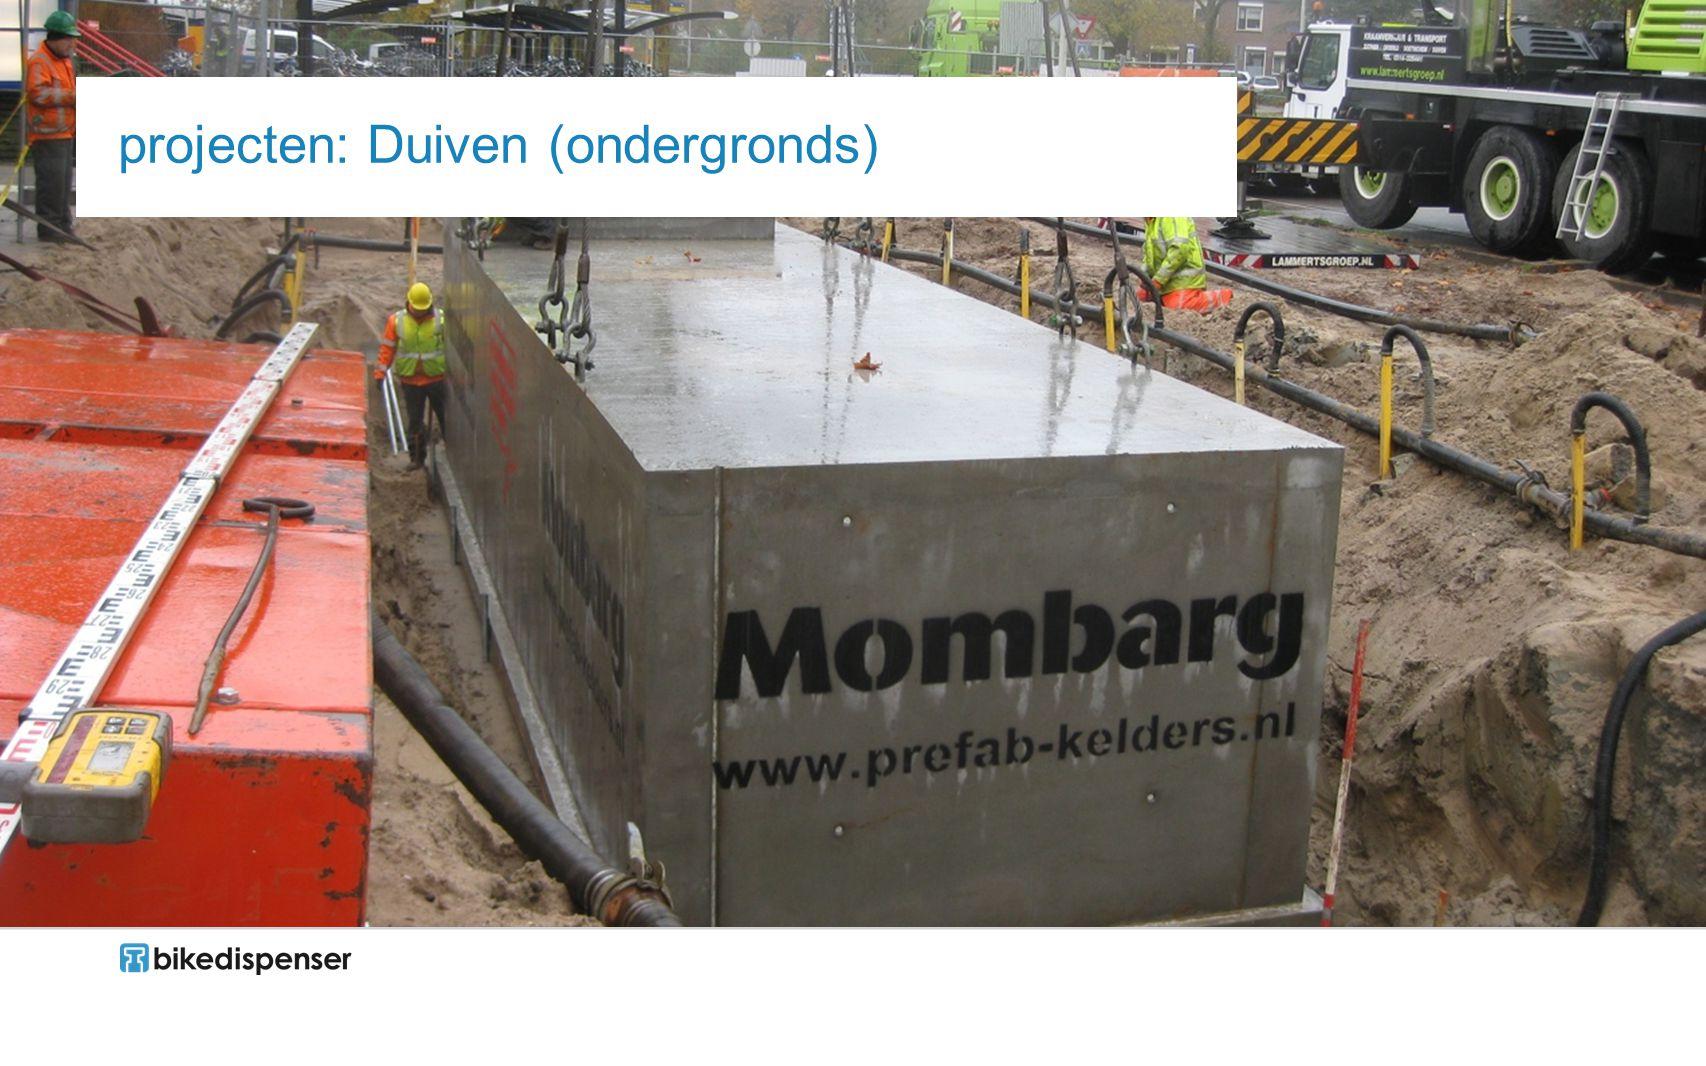 projecten: Duiven (ondergronds)